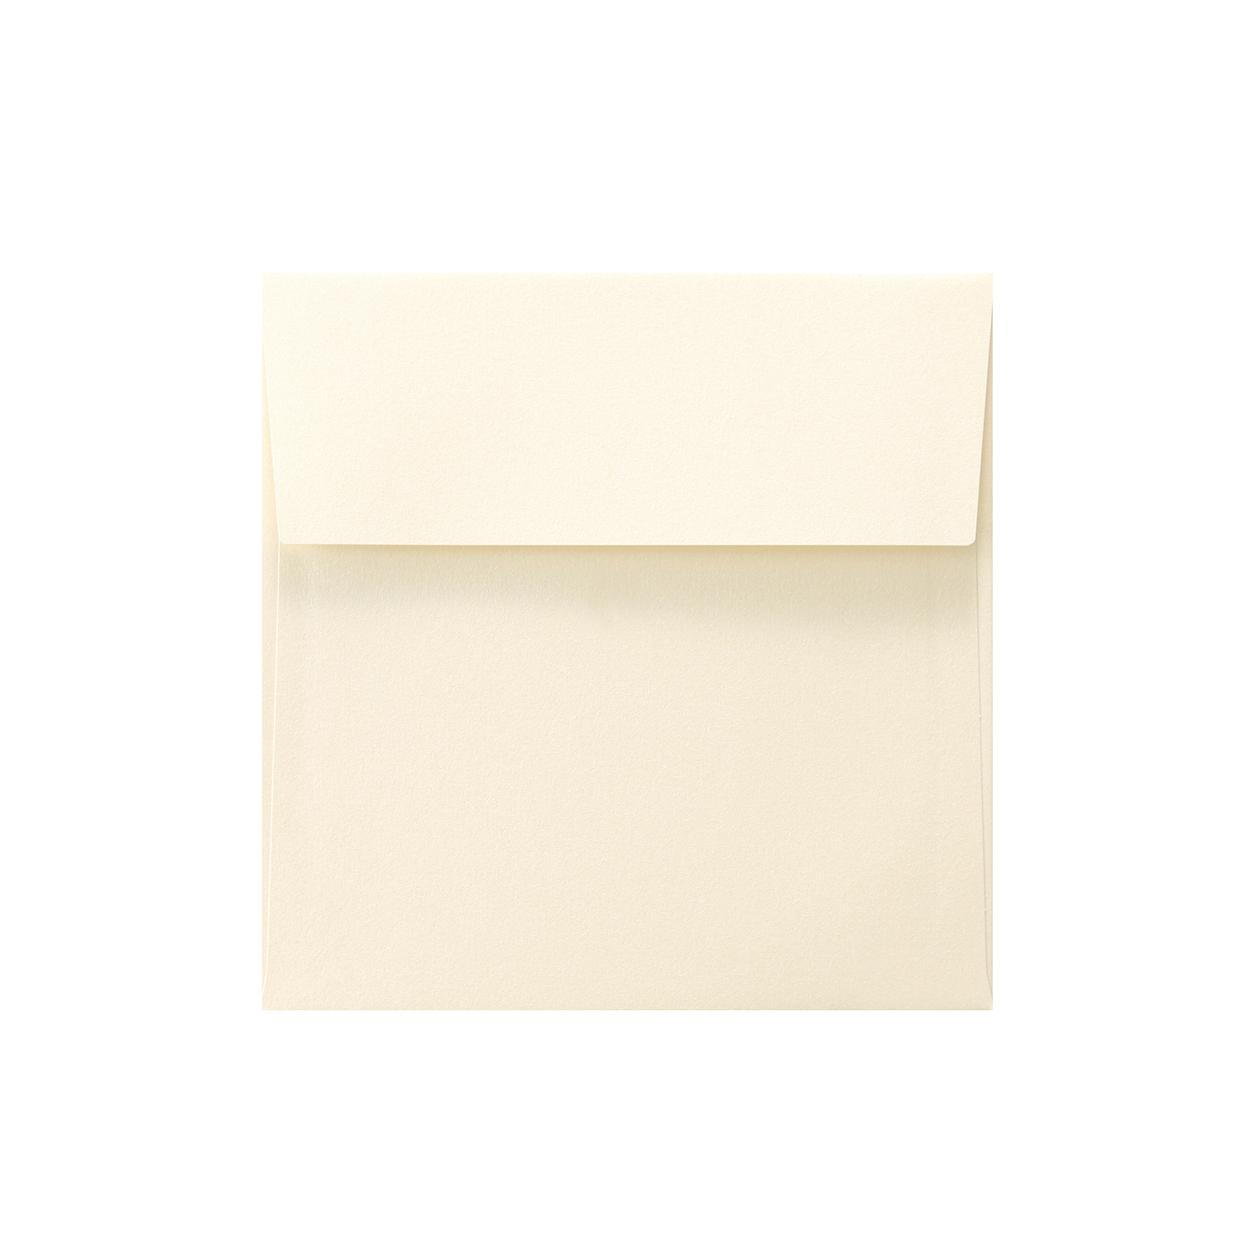 SE16カマス封筒 コットンパール ナチュラル 125.3g